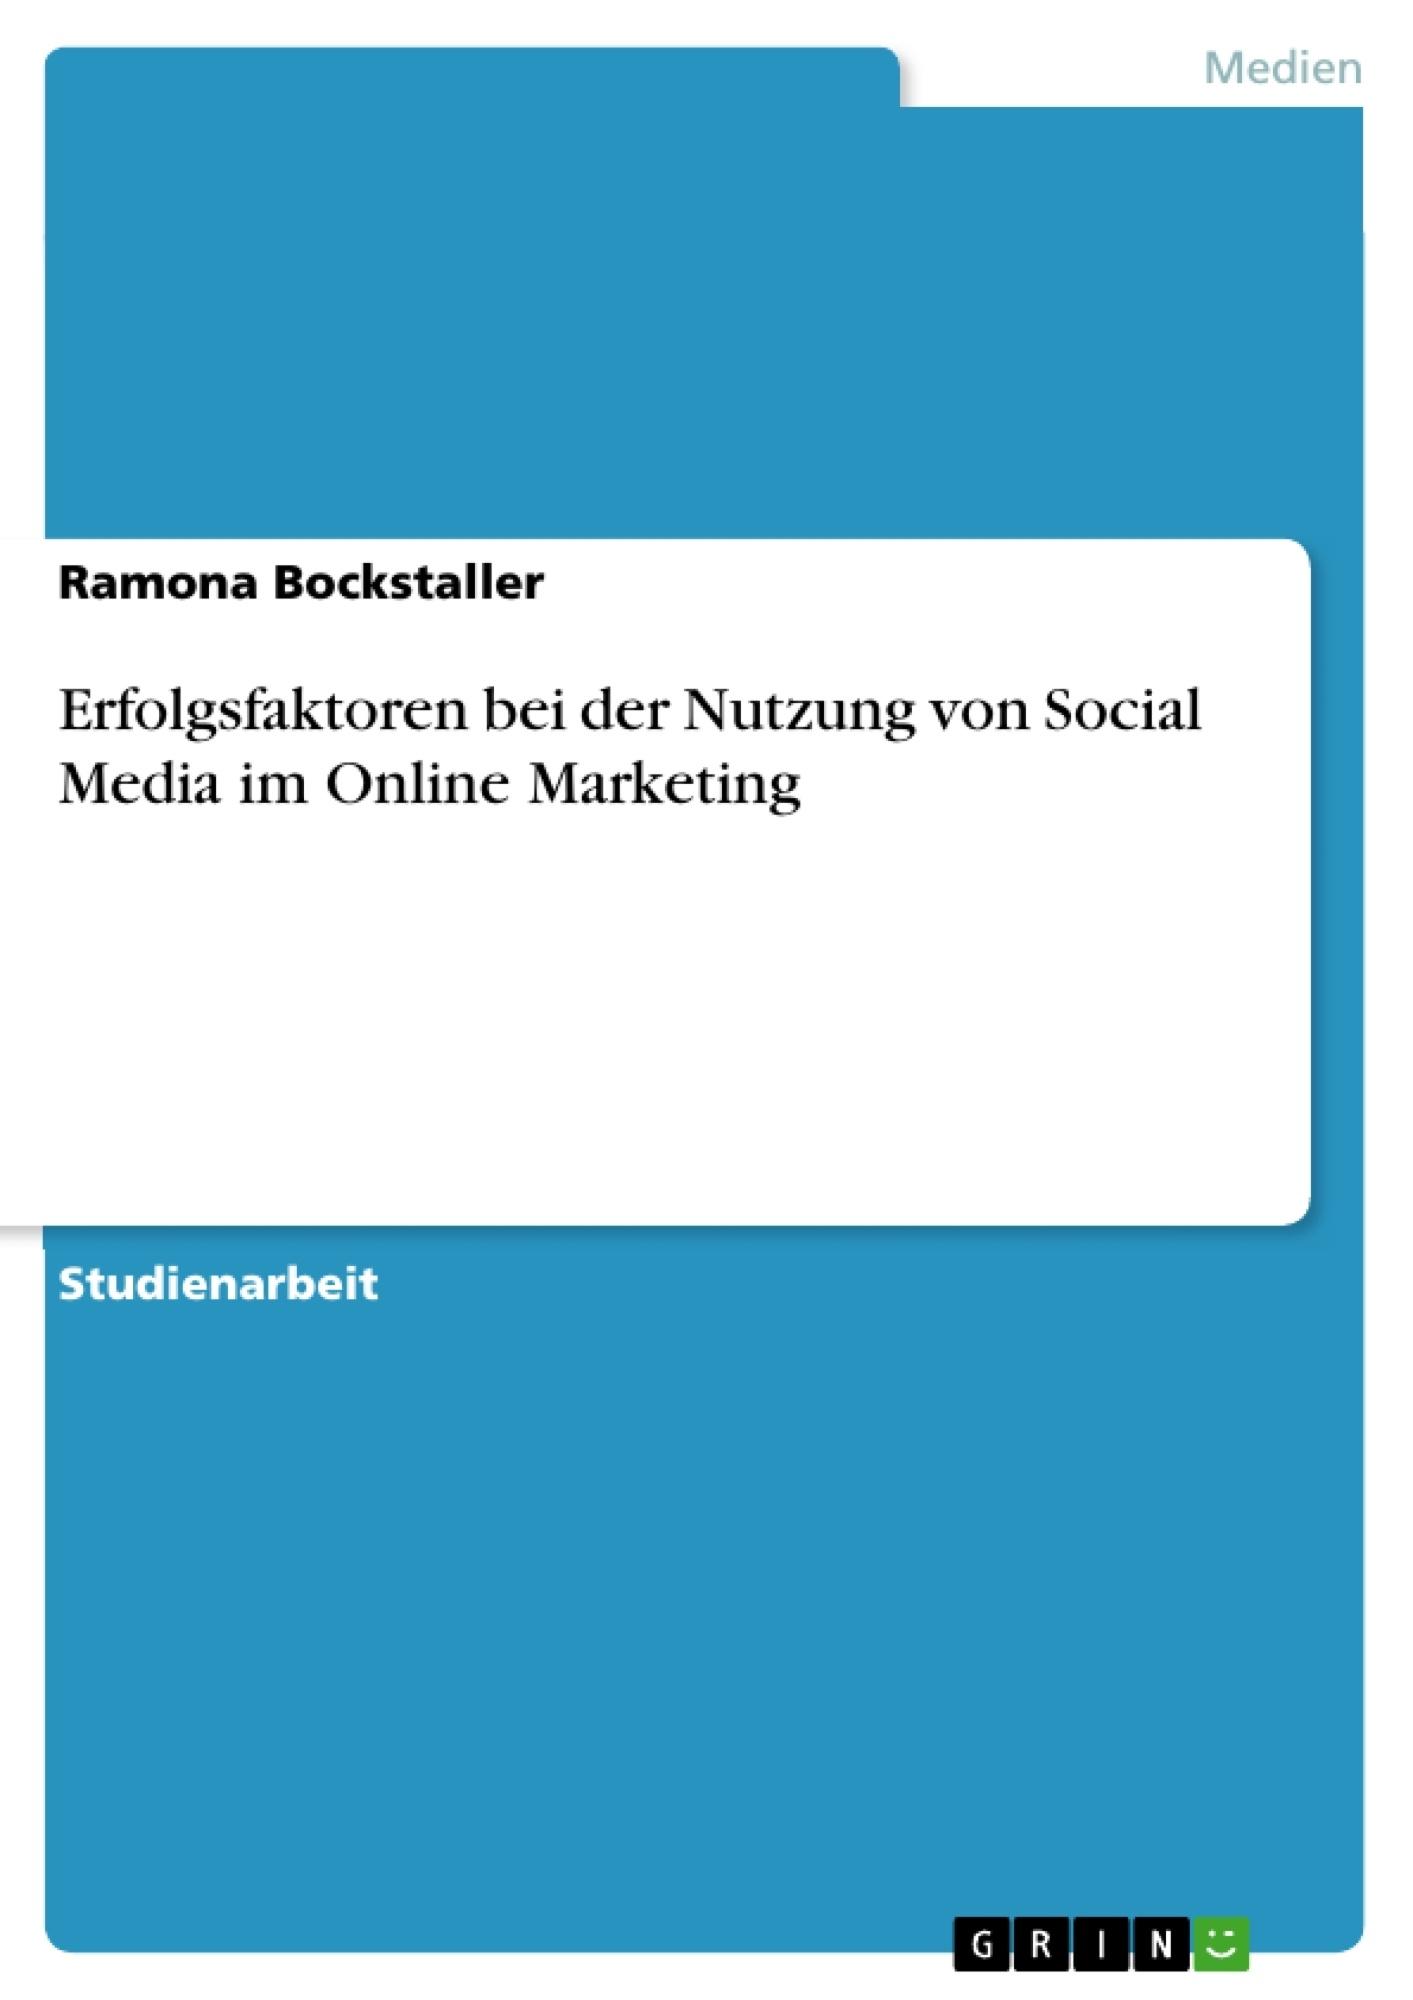 Titel: Erfolgsfaktoren bei der Nutzung von Social Media im Online Marketing